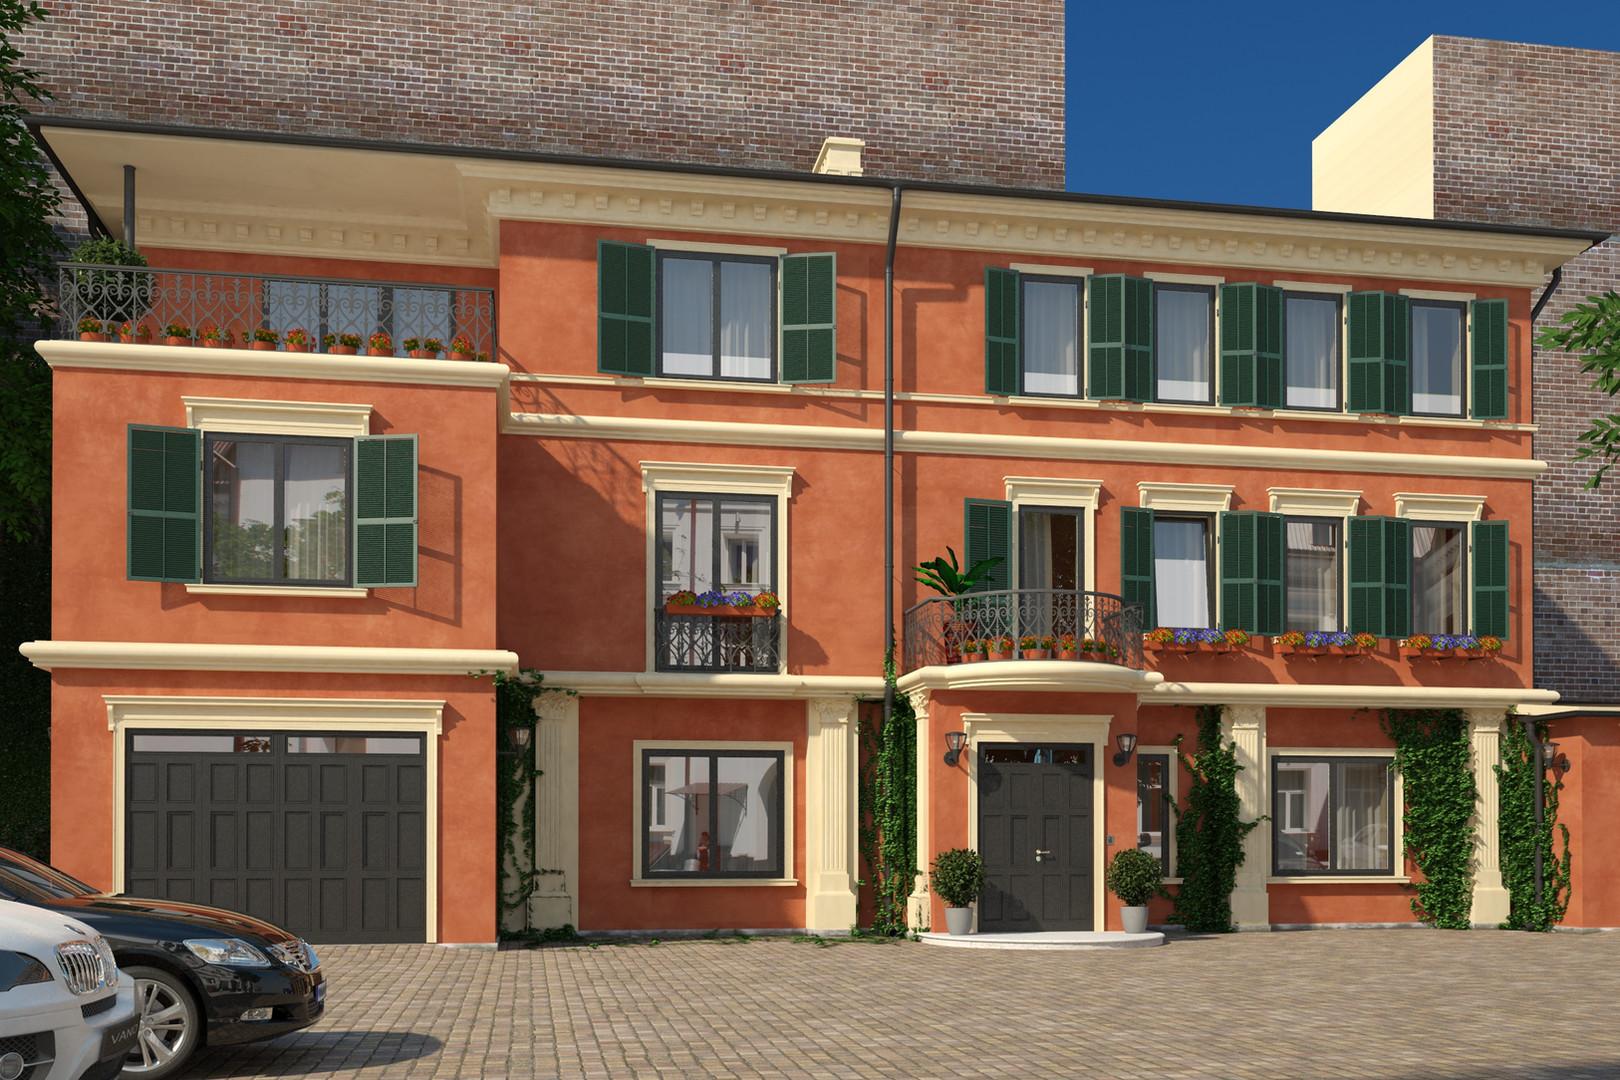 4 Апартаменты архитектура.jpg